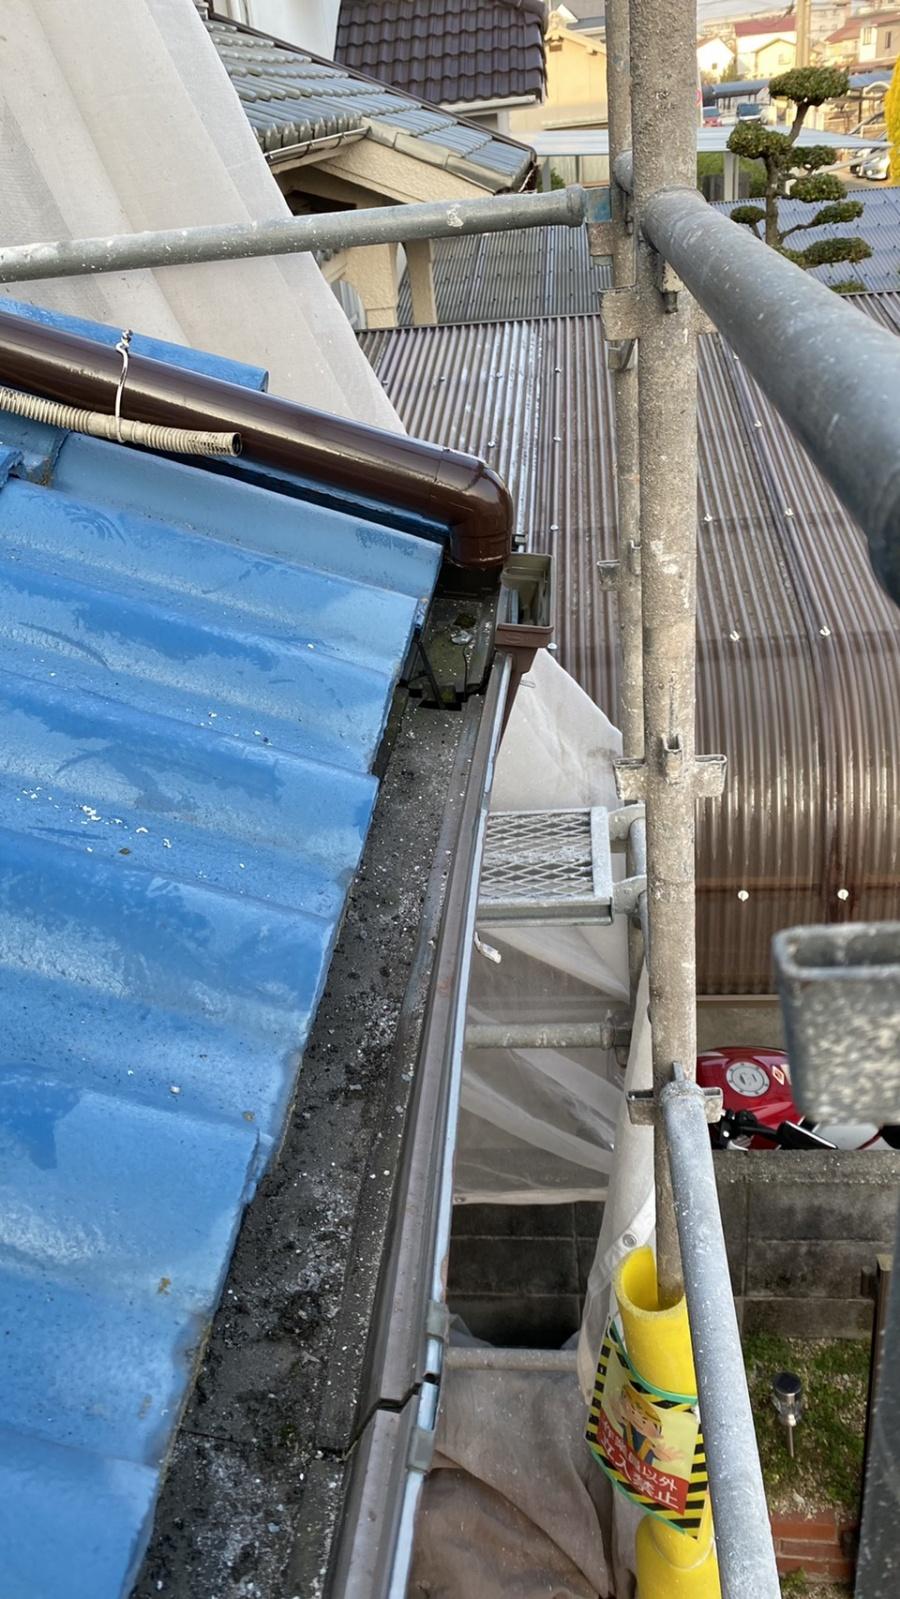 淡路市で雨樋修理を行いました!部分的な雨樋修理でスピード解決